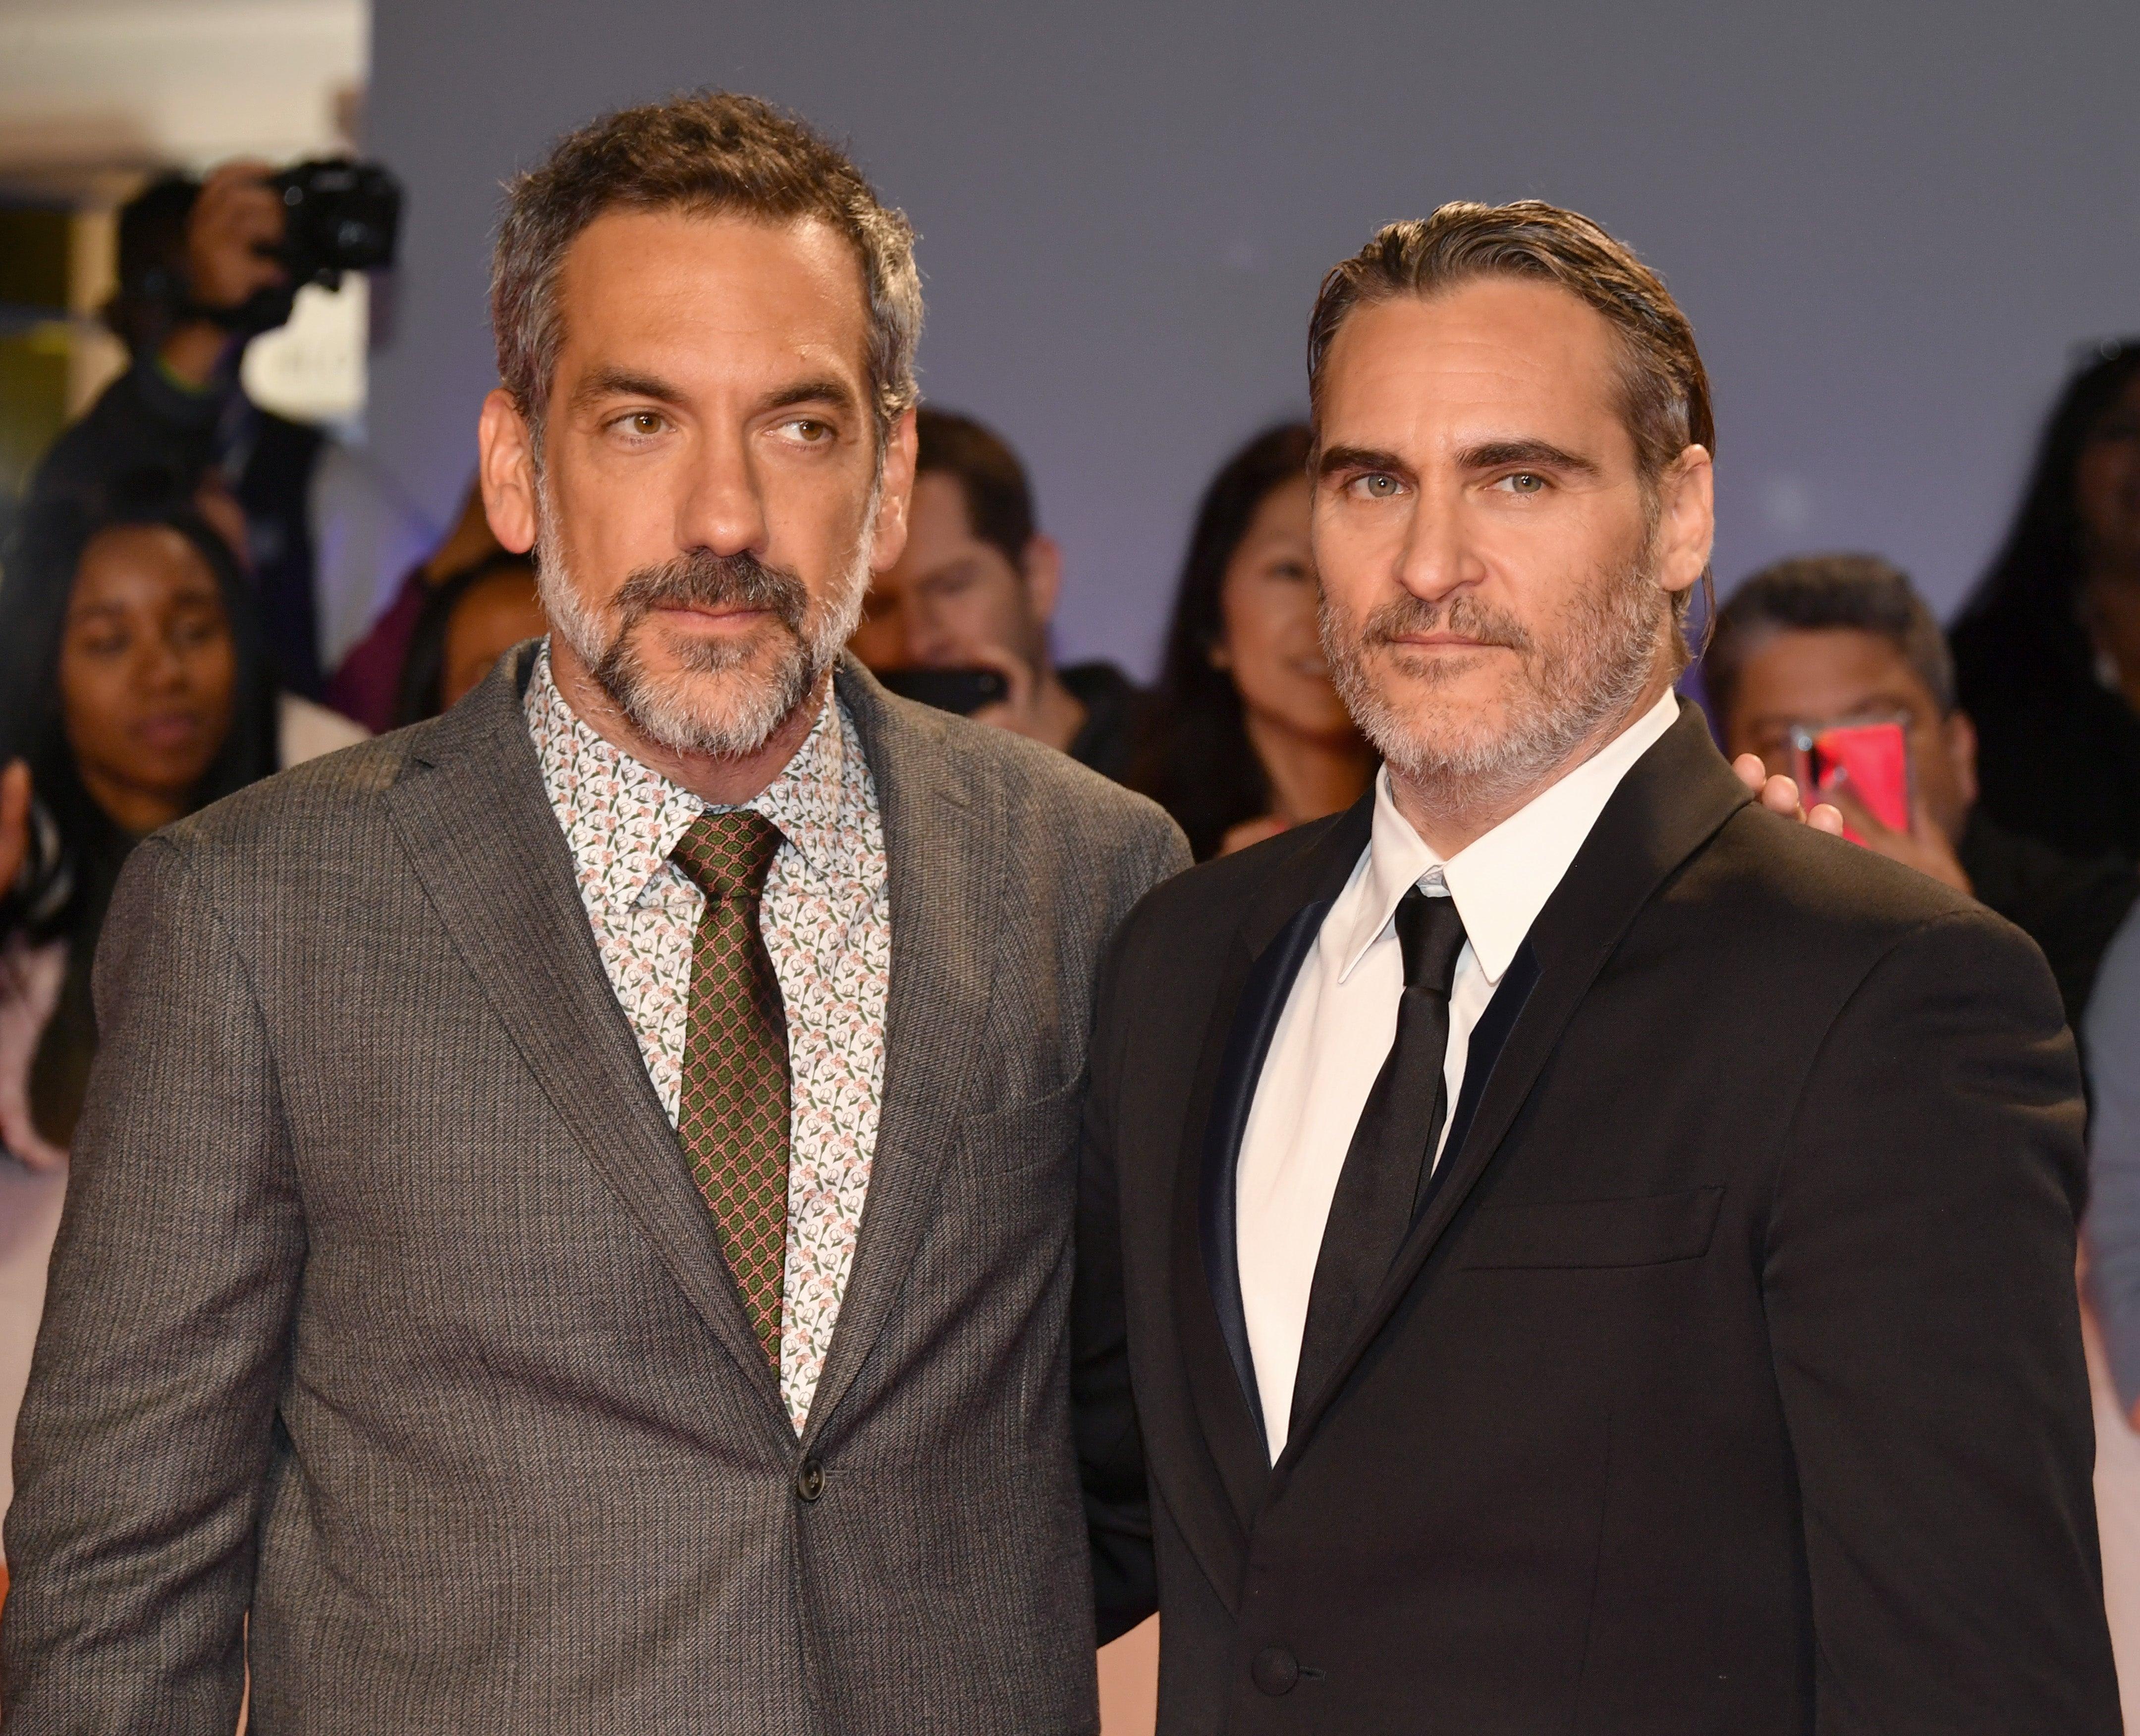 Director Todd Phillips and actor Joaquin Phoenix